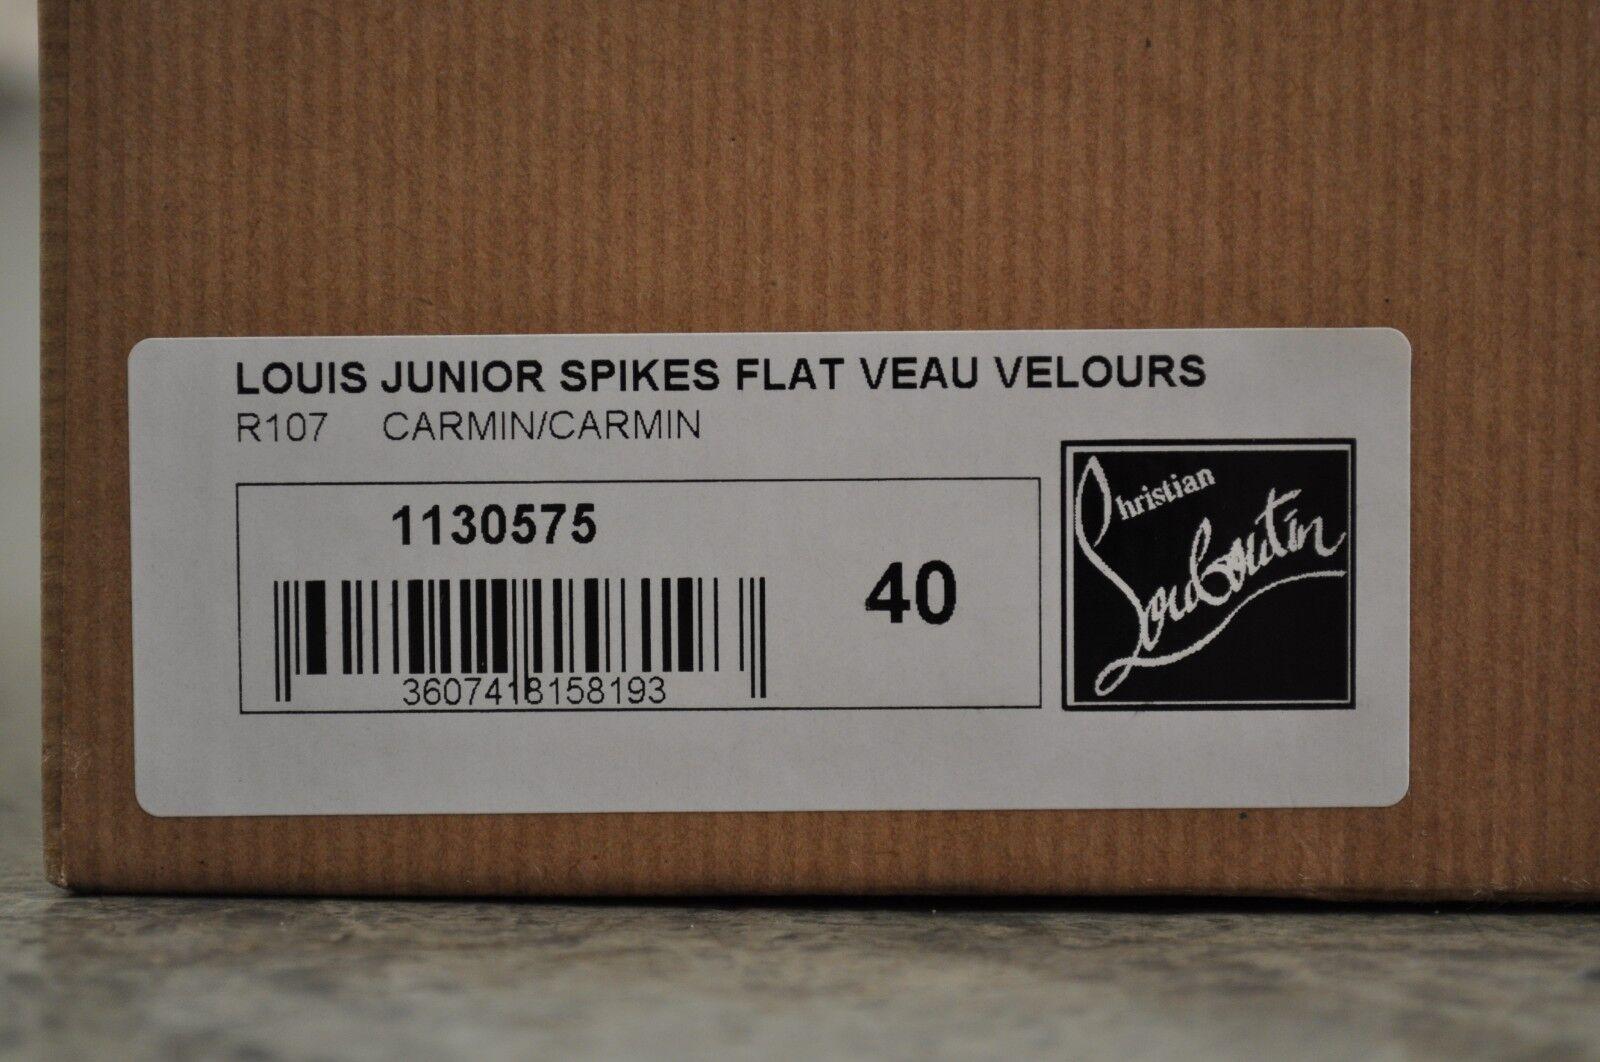 Christian Louboutin Junior punte piatte Louis VEAU VELOUR-Carmin 40 EUR EUR EUR 8d2547